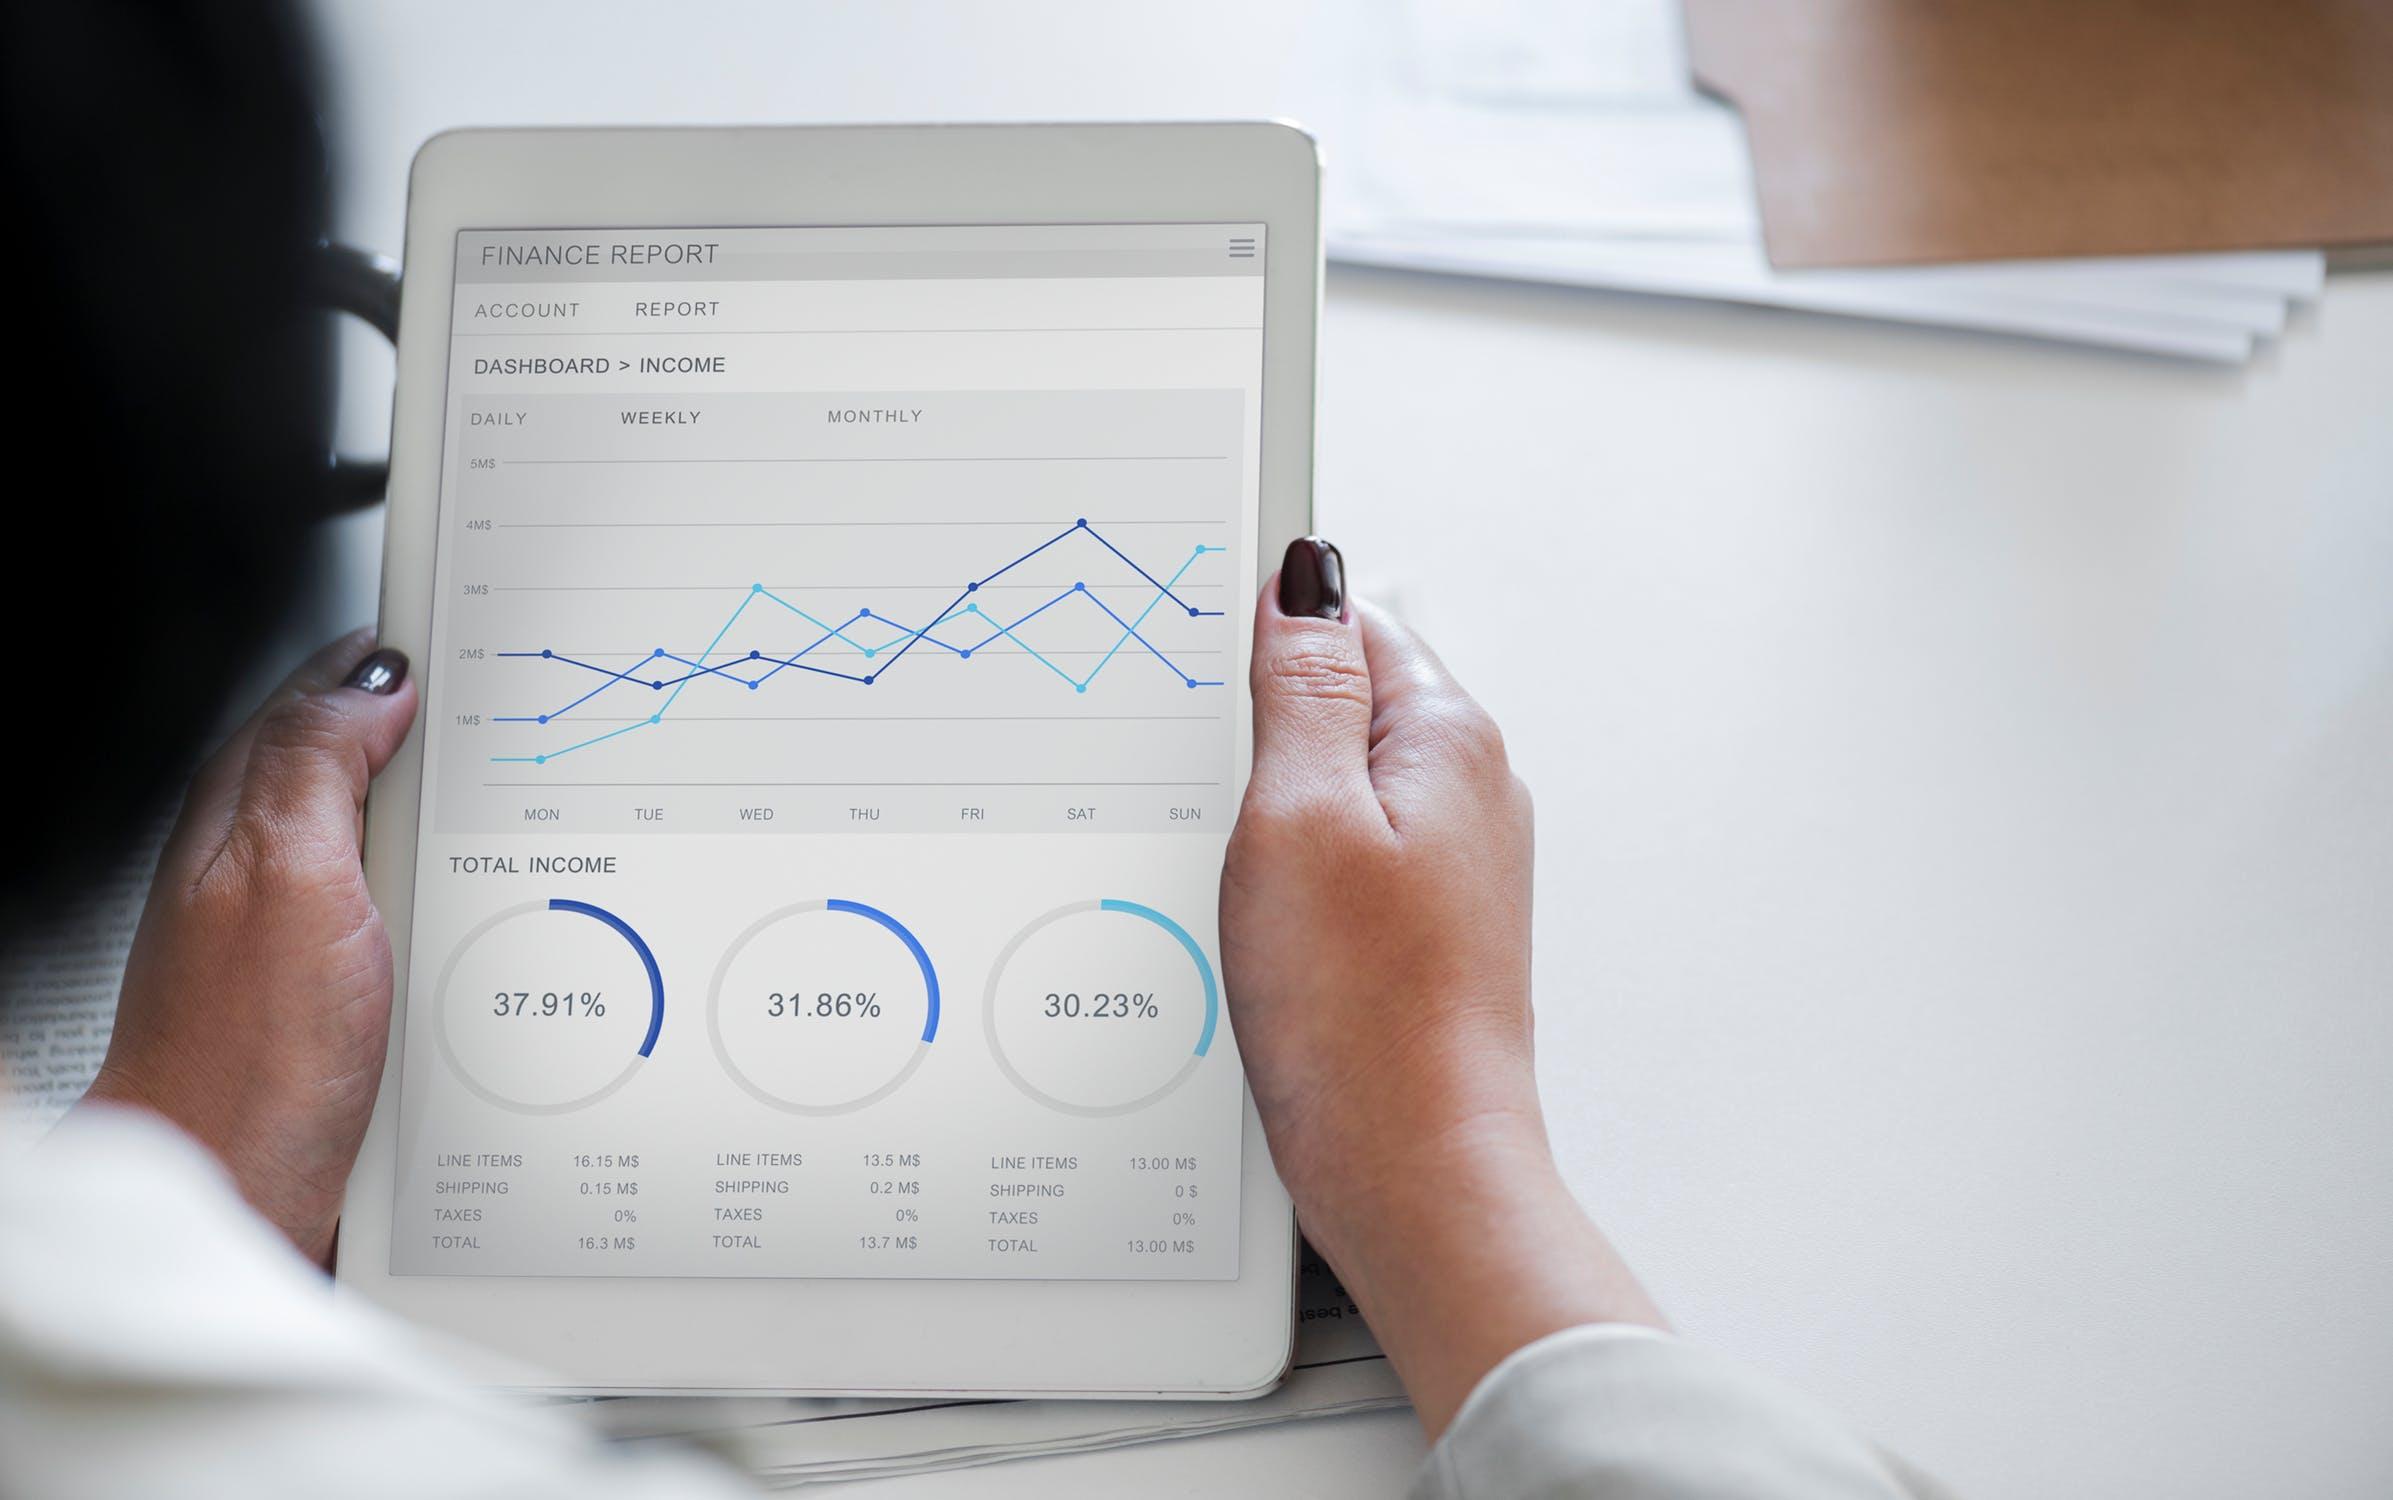 कहां हैं नौकरी के अवसर<br />कई बड़ी कंपनियों जैसे गूगल, अमेजॉन, माइक्रोसॉफ्ट, ईबे, लिंक्डइन, फेसबुक और ट्विटर आदि को डेटा साइंटिस्ट की जरूरत है. डेटा साइंटिस्ट डेटाबेस एंड इंफर्मेशन इंटिग्रेशन, क्लाउड कंप्यूटिंग, नेचुरल लैंग्वेज प्रोसेसिंग, सोशल एंड इंफॉर्मेशन नेटवर्क,वेब इंफर्मेशन ऐक्सेस, डेटा/बिजनस ऐनालिसिस फील्ड में जॉब कर सकता है.